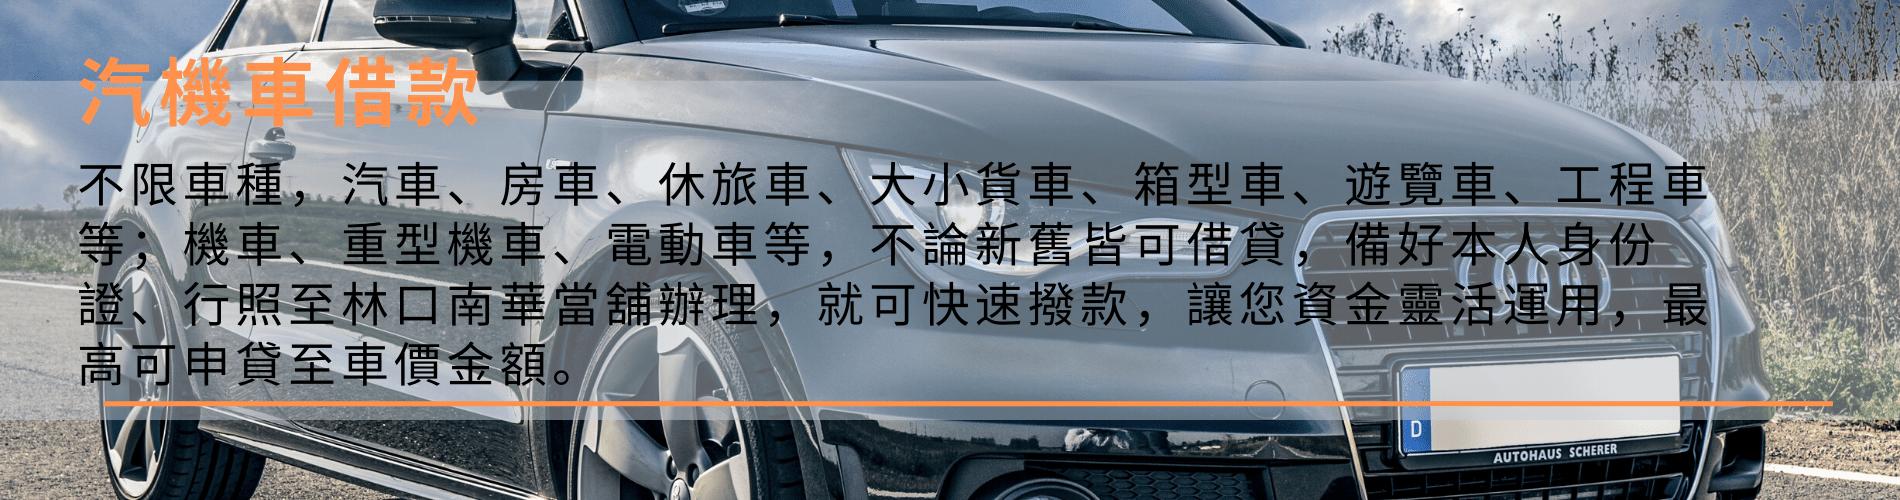 南華汽機車借款